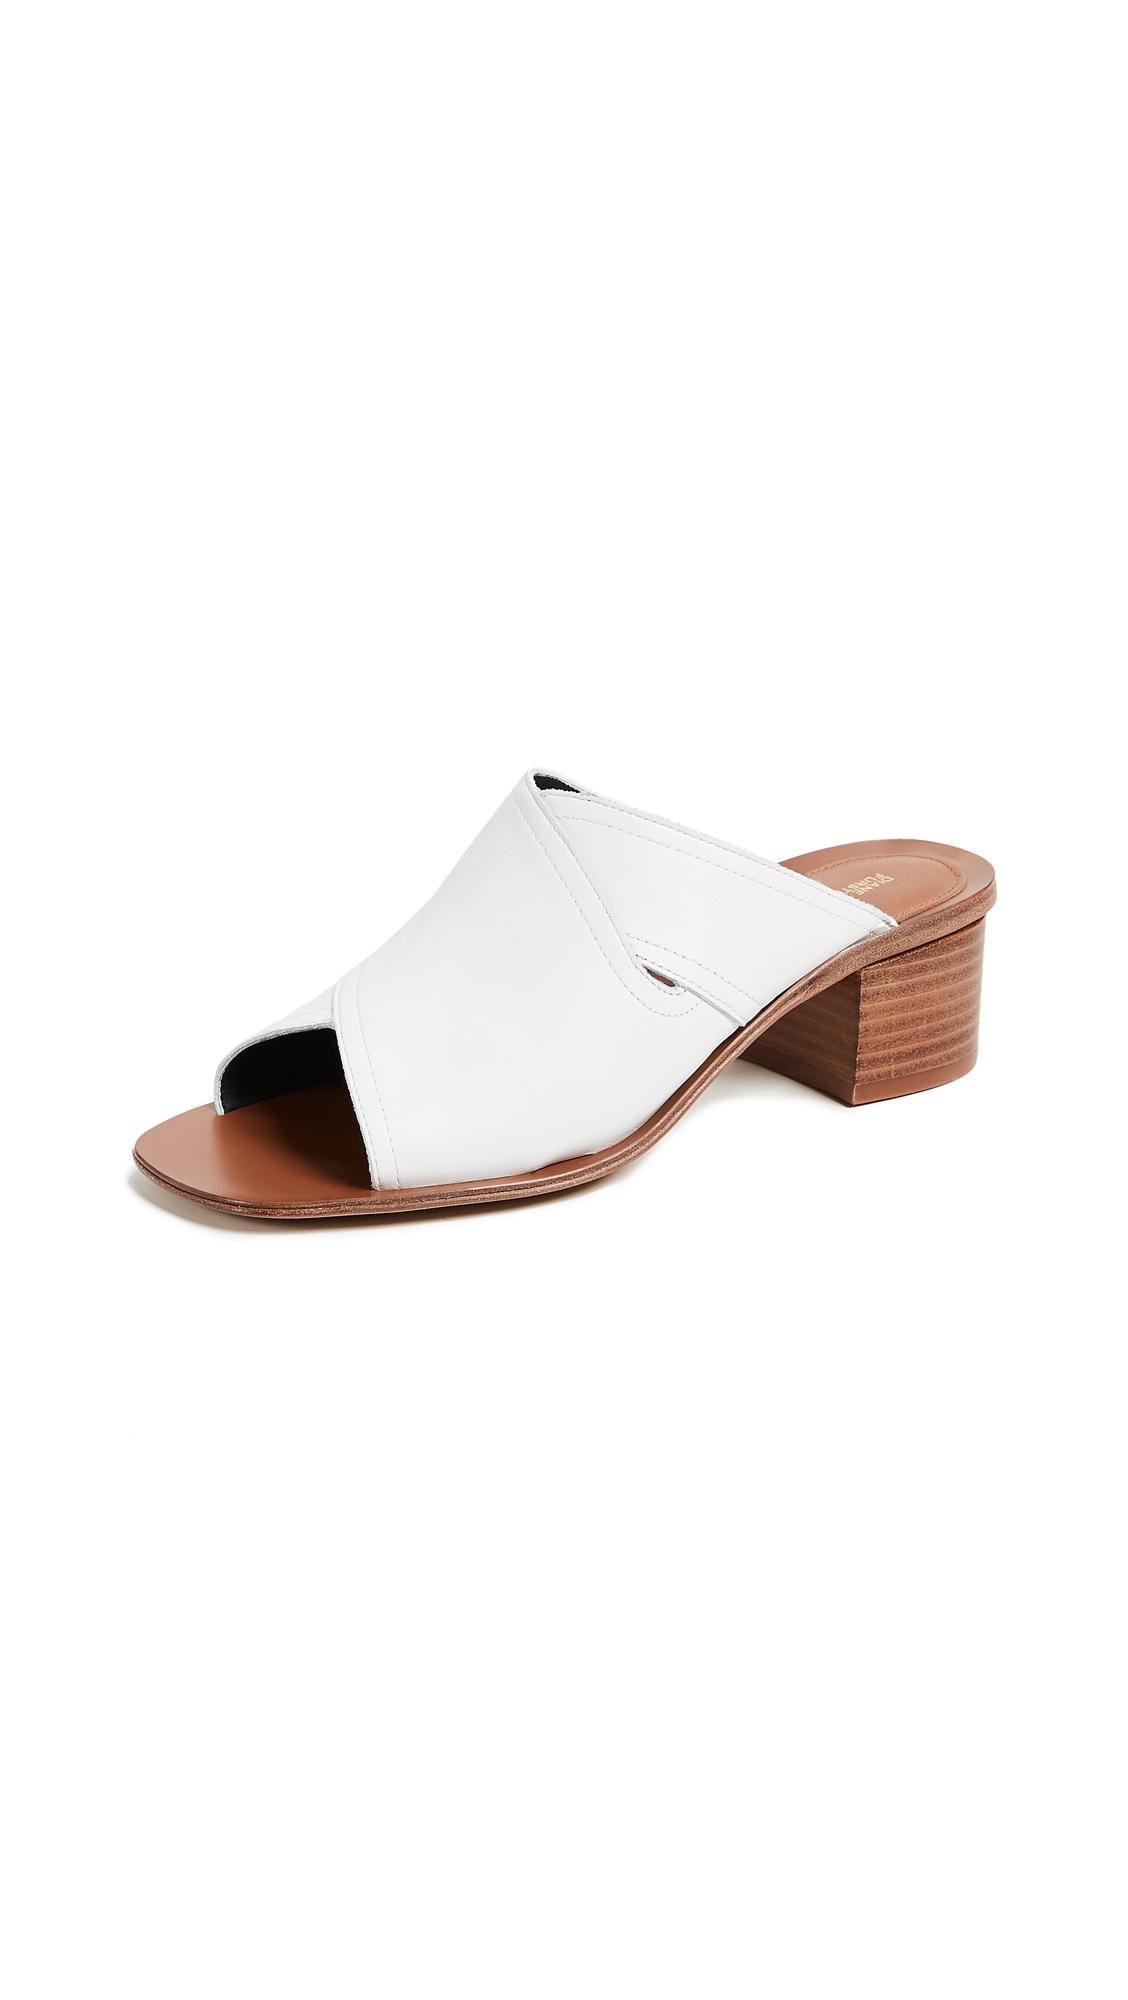 Diane von Furstenberg Hazel City Slides - White